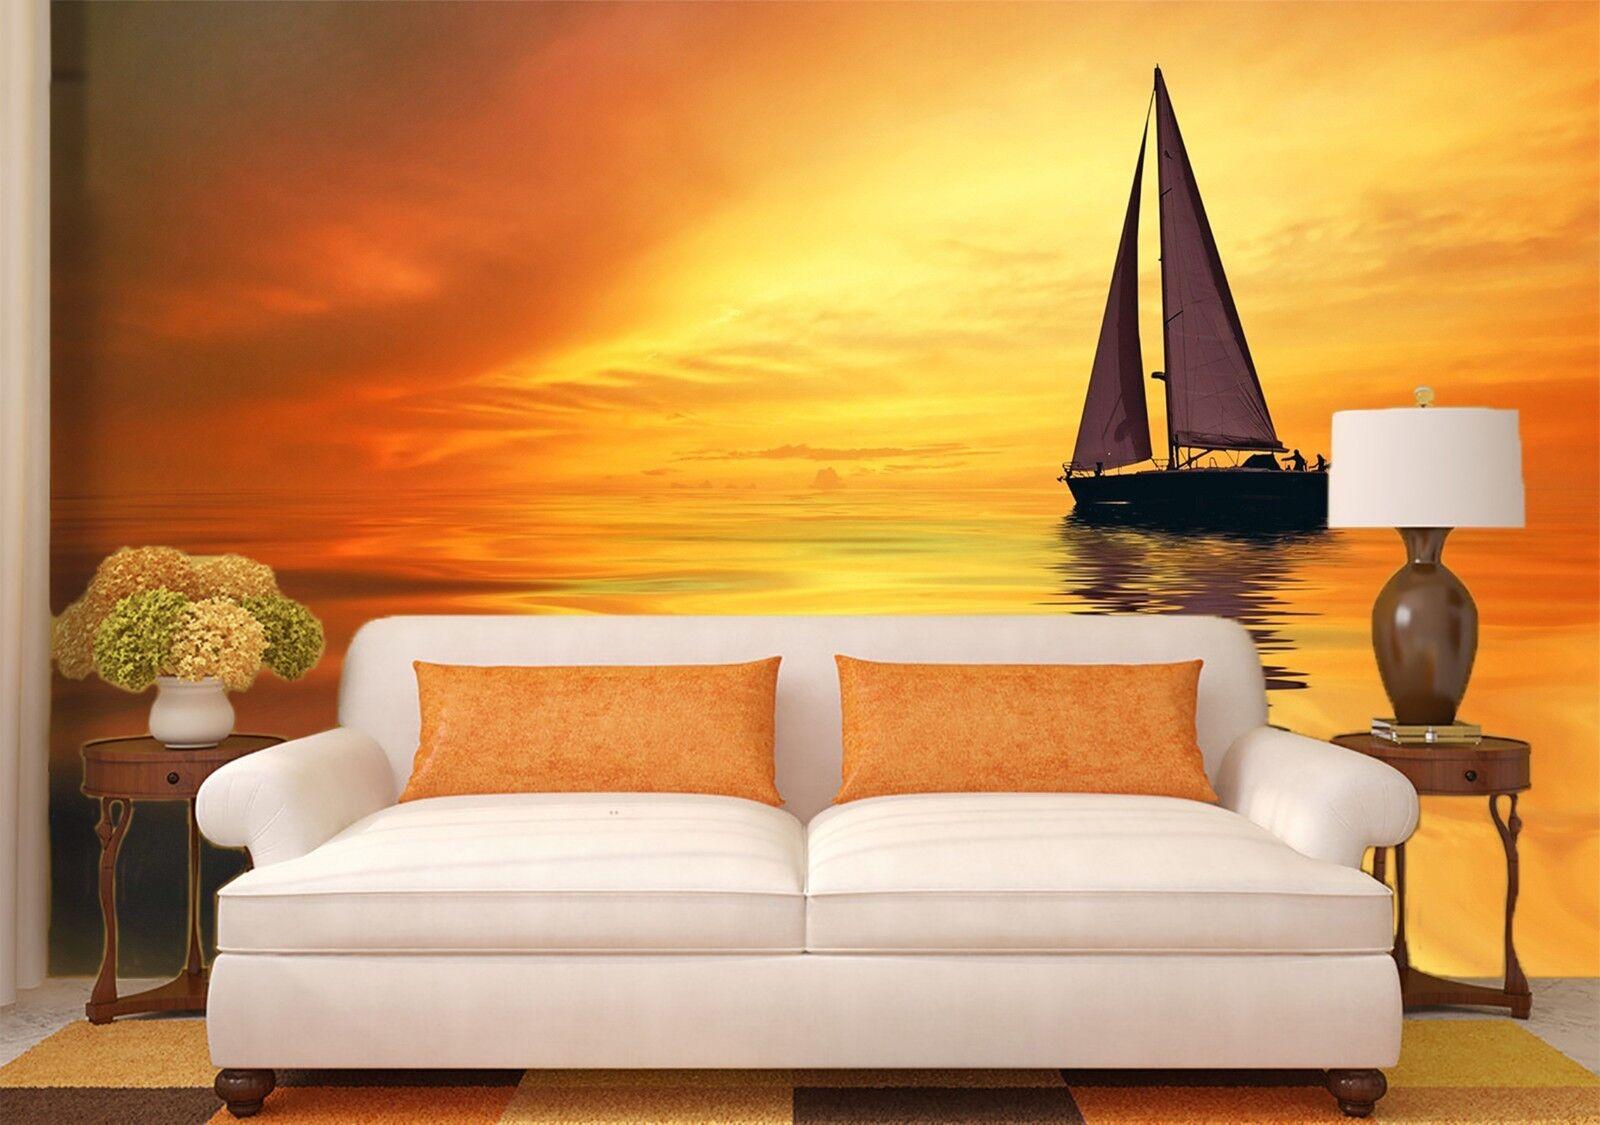 3D Ozean Segeln Himmel 988 Tapete Wandgemälde Tapeten Bild Familie DE Lemon